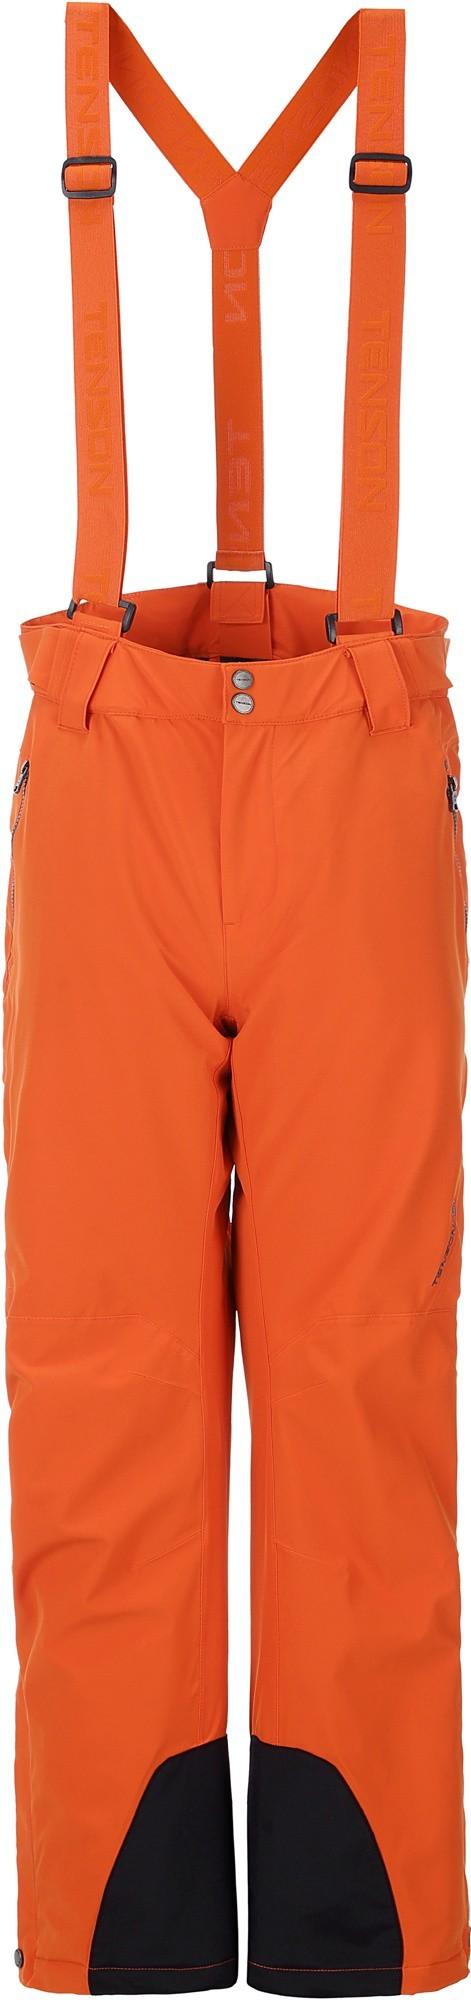 Spodnie narciarskie damskie Tenson Zola, pomarañczowe